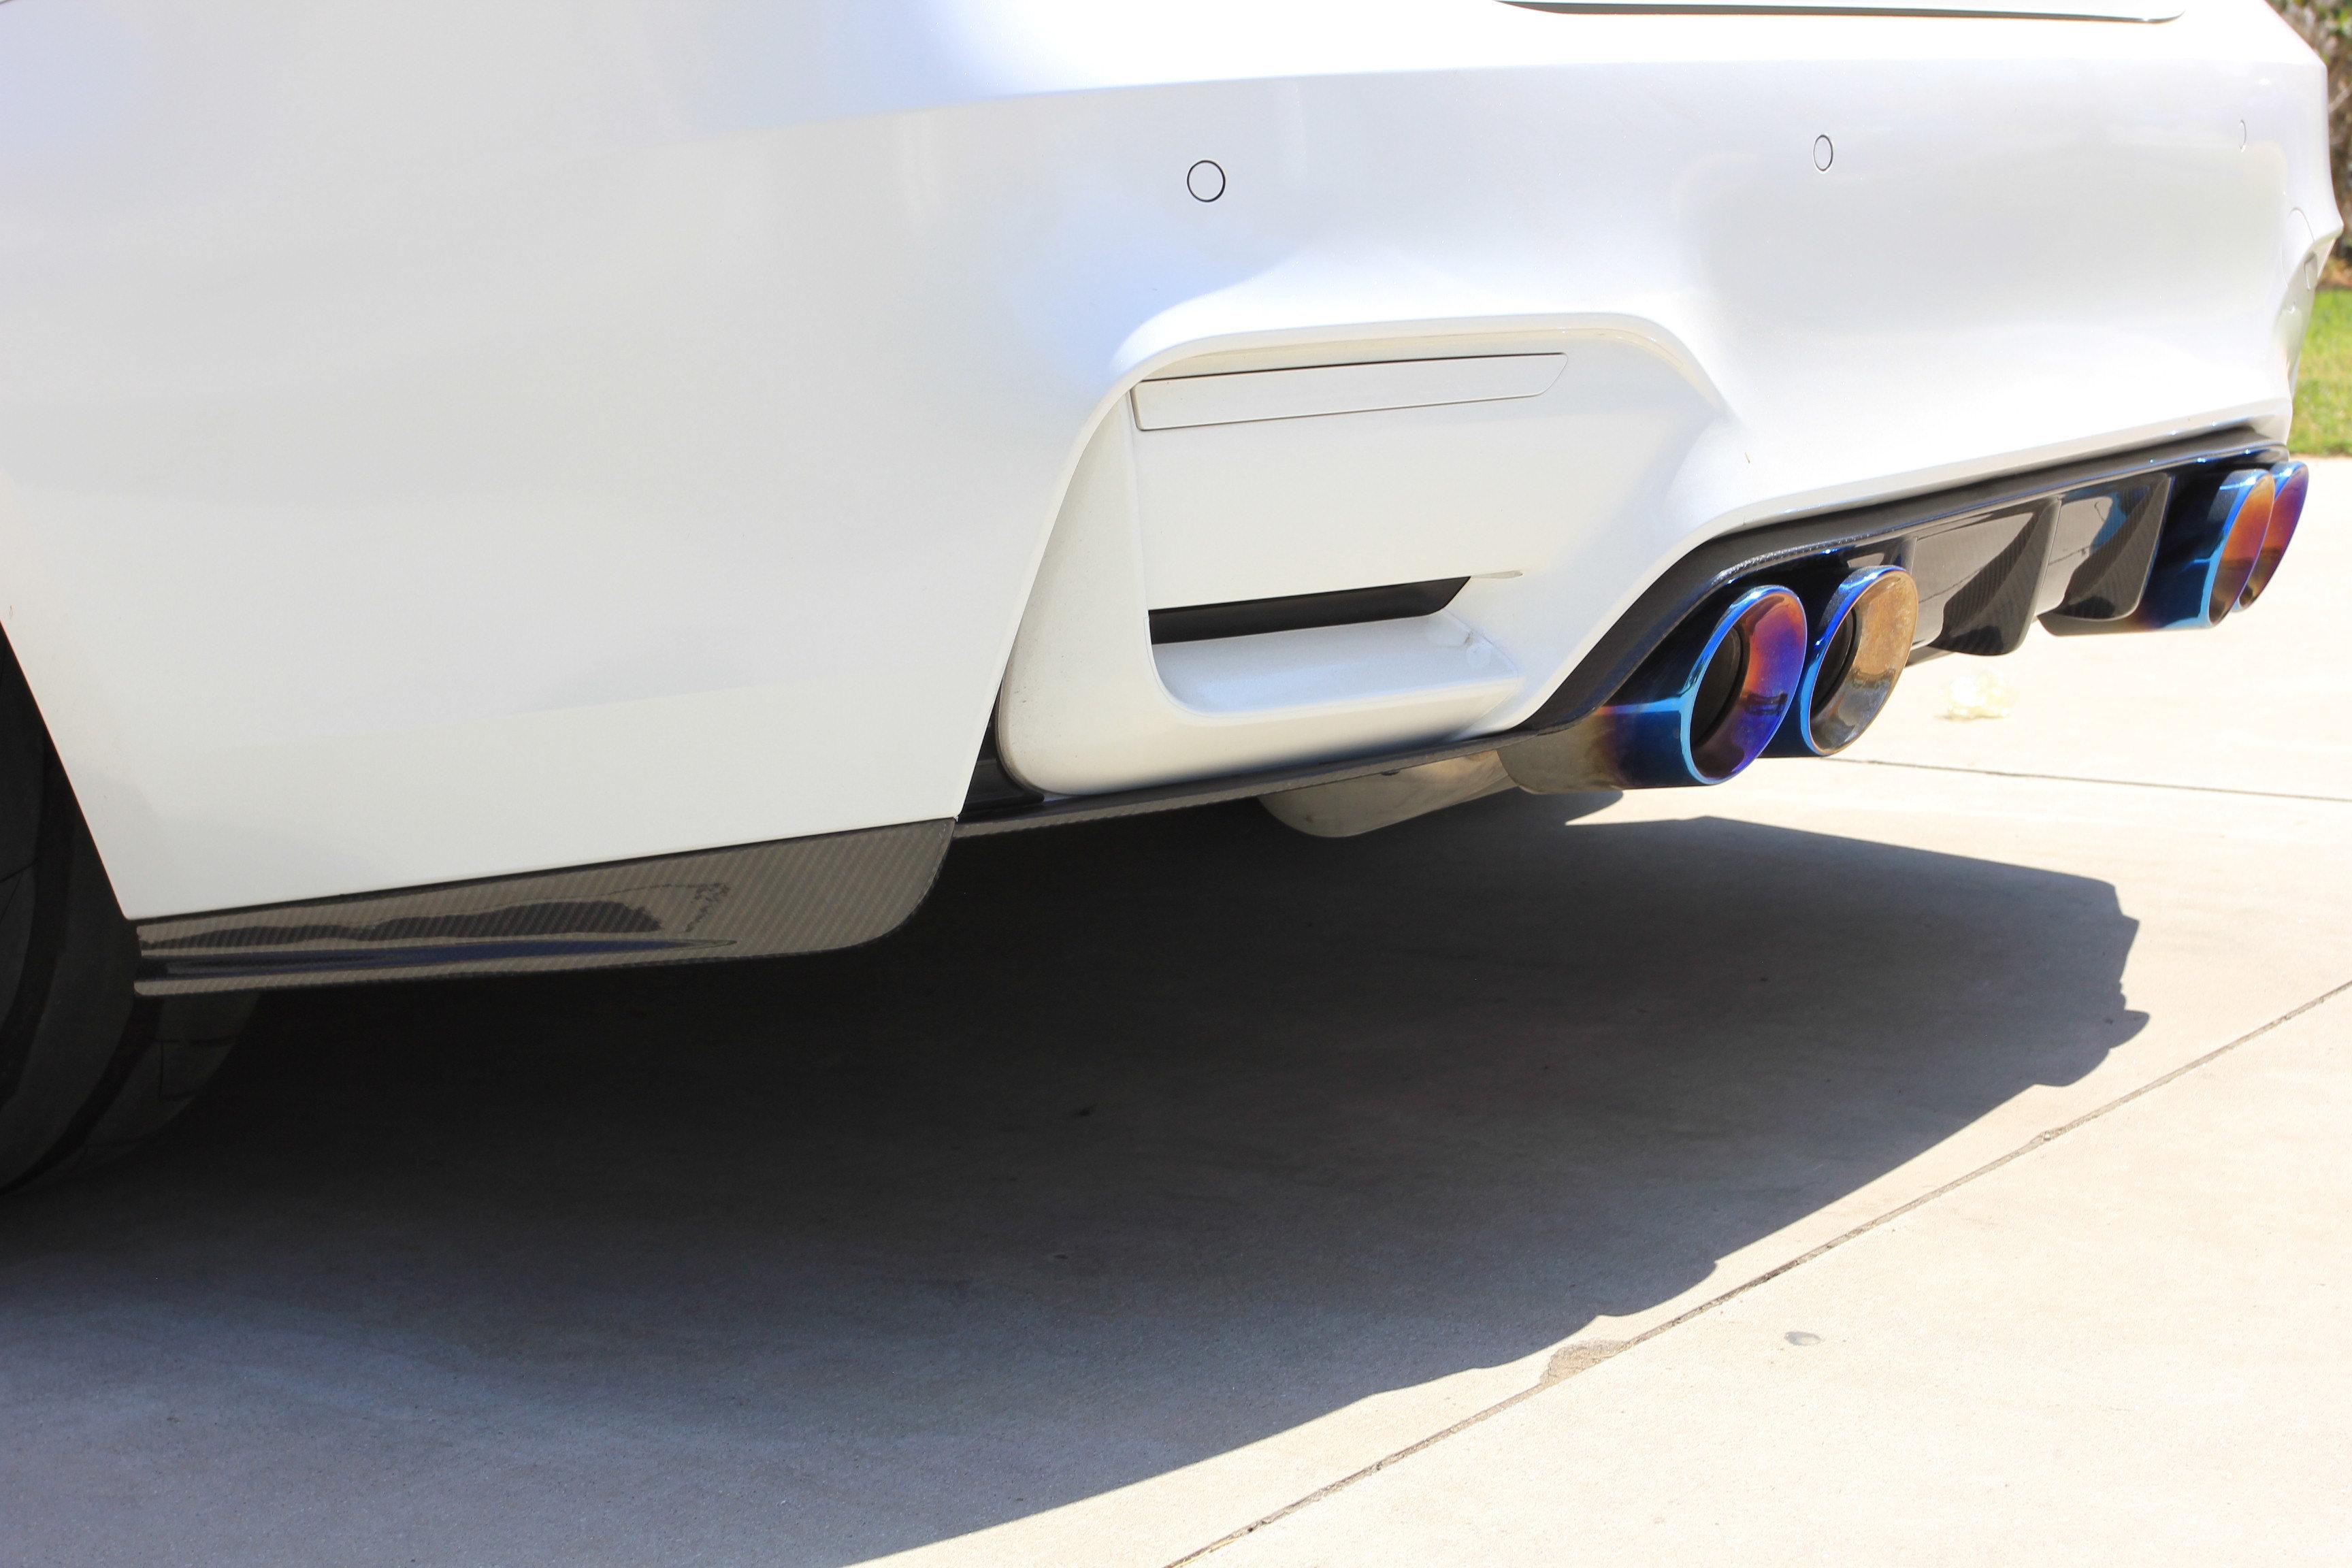 M3 / M4 Carbon Fiber JHP Rear Diffuser